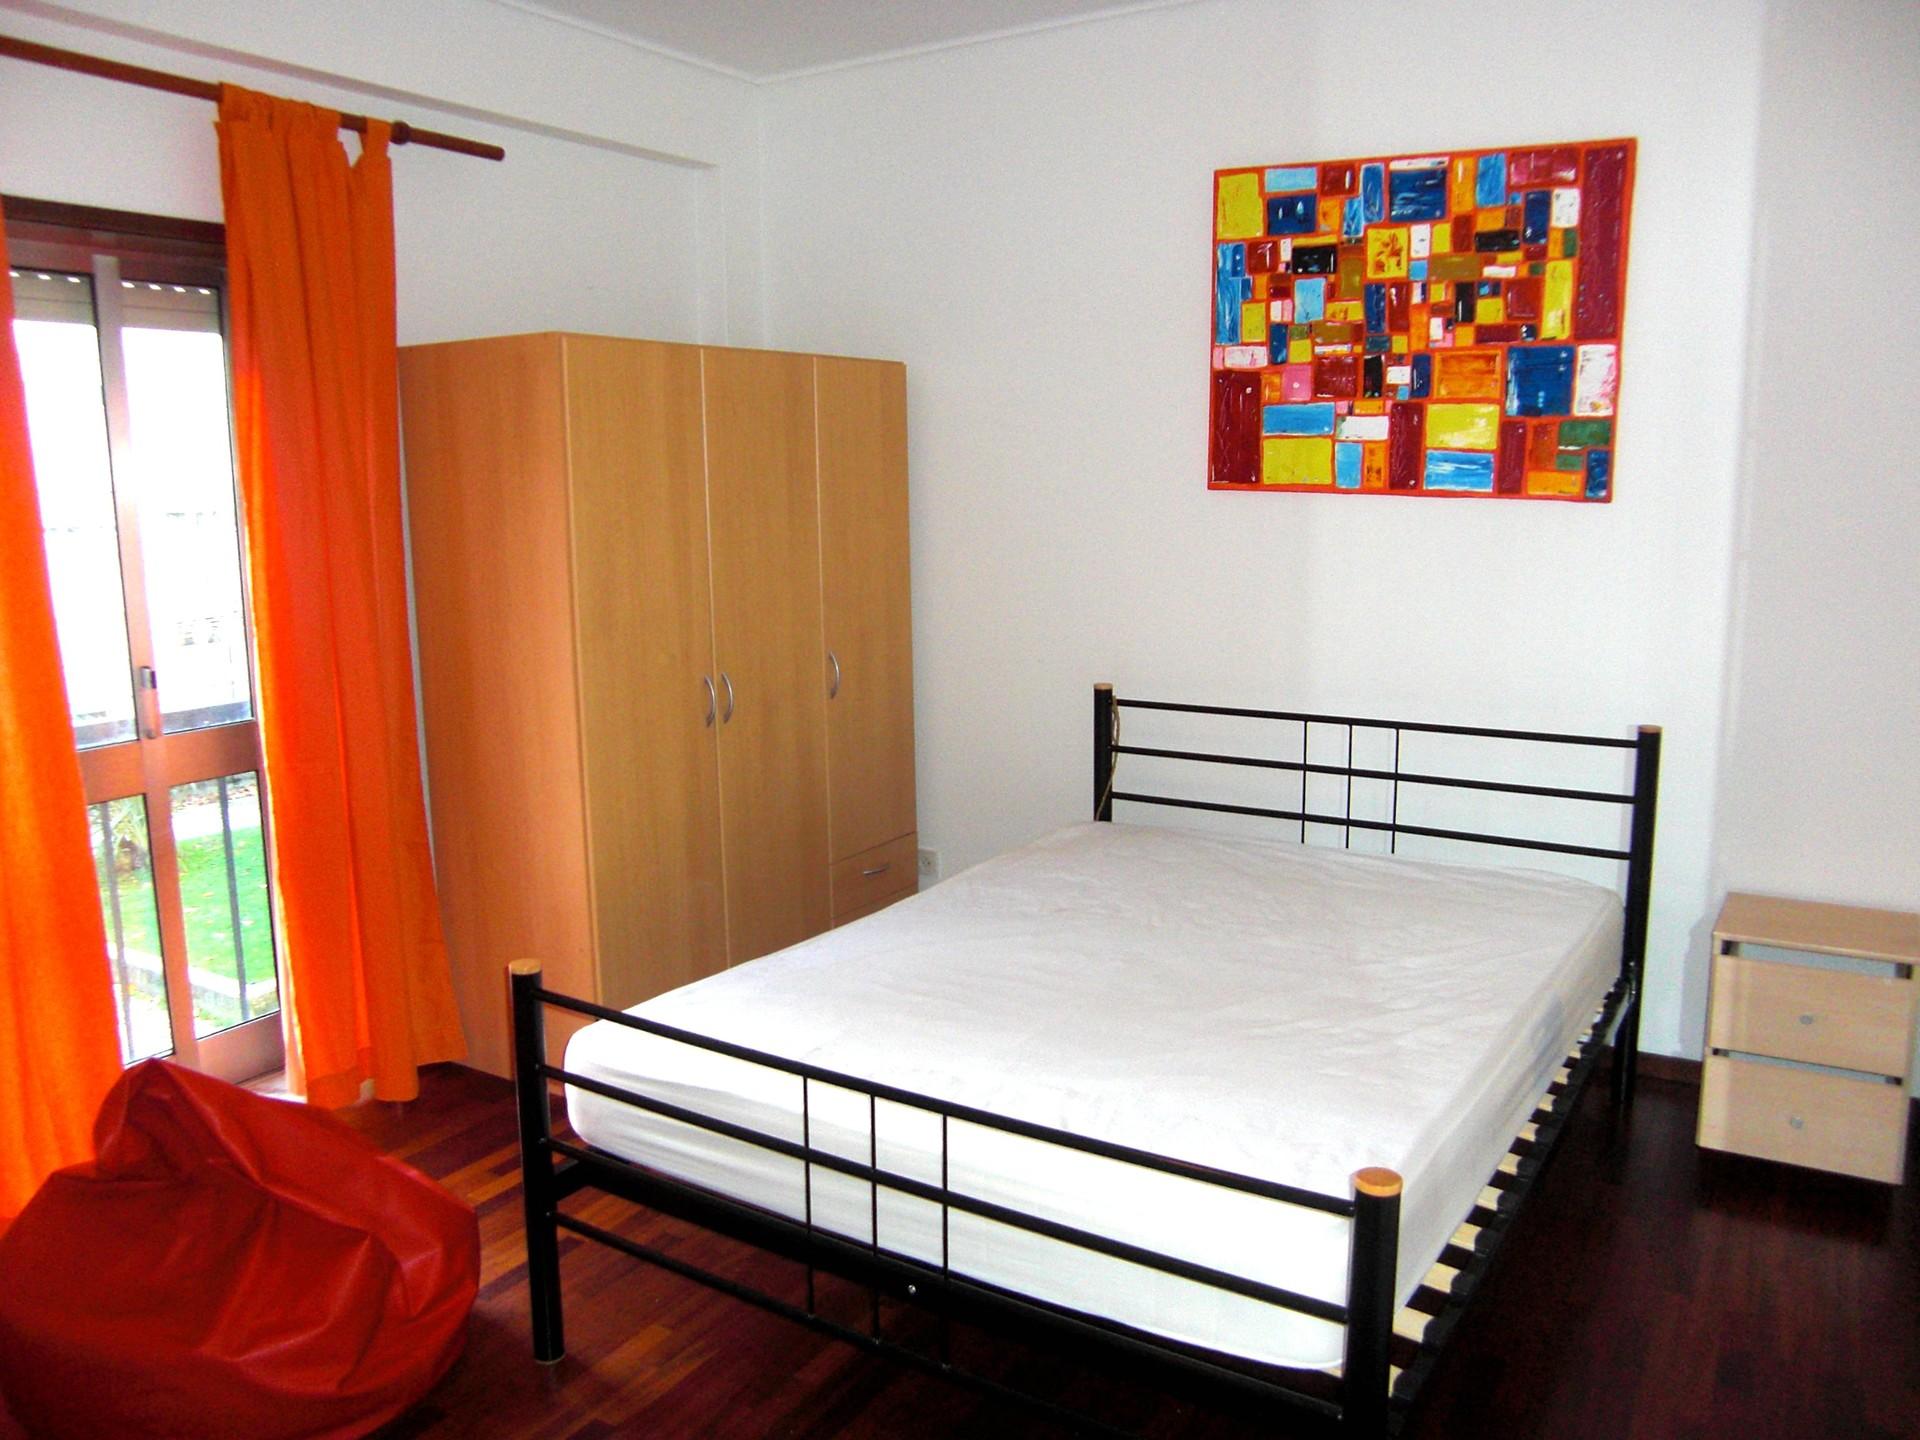 Habitaci n para chica estudiante con internet incluido alquiler habitaciones aveiro - Alquiler de habitacion en valladolid ...